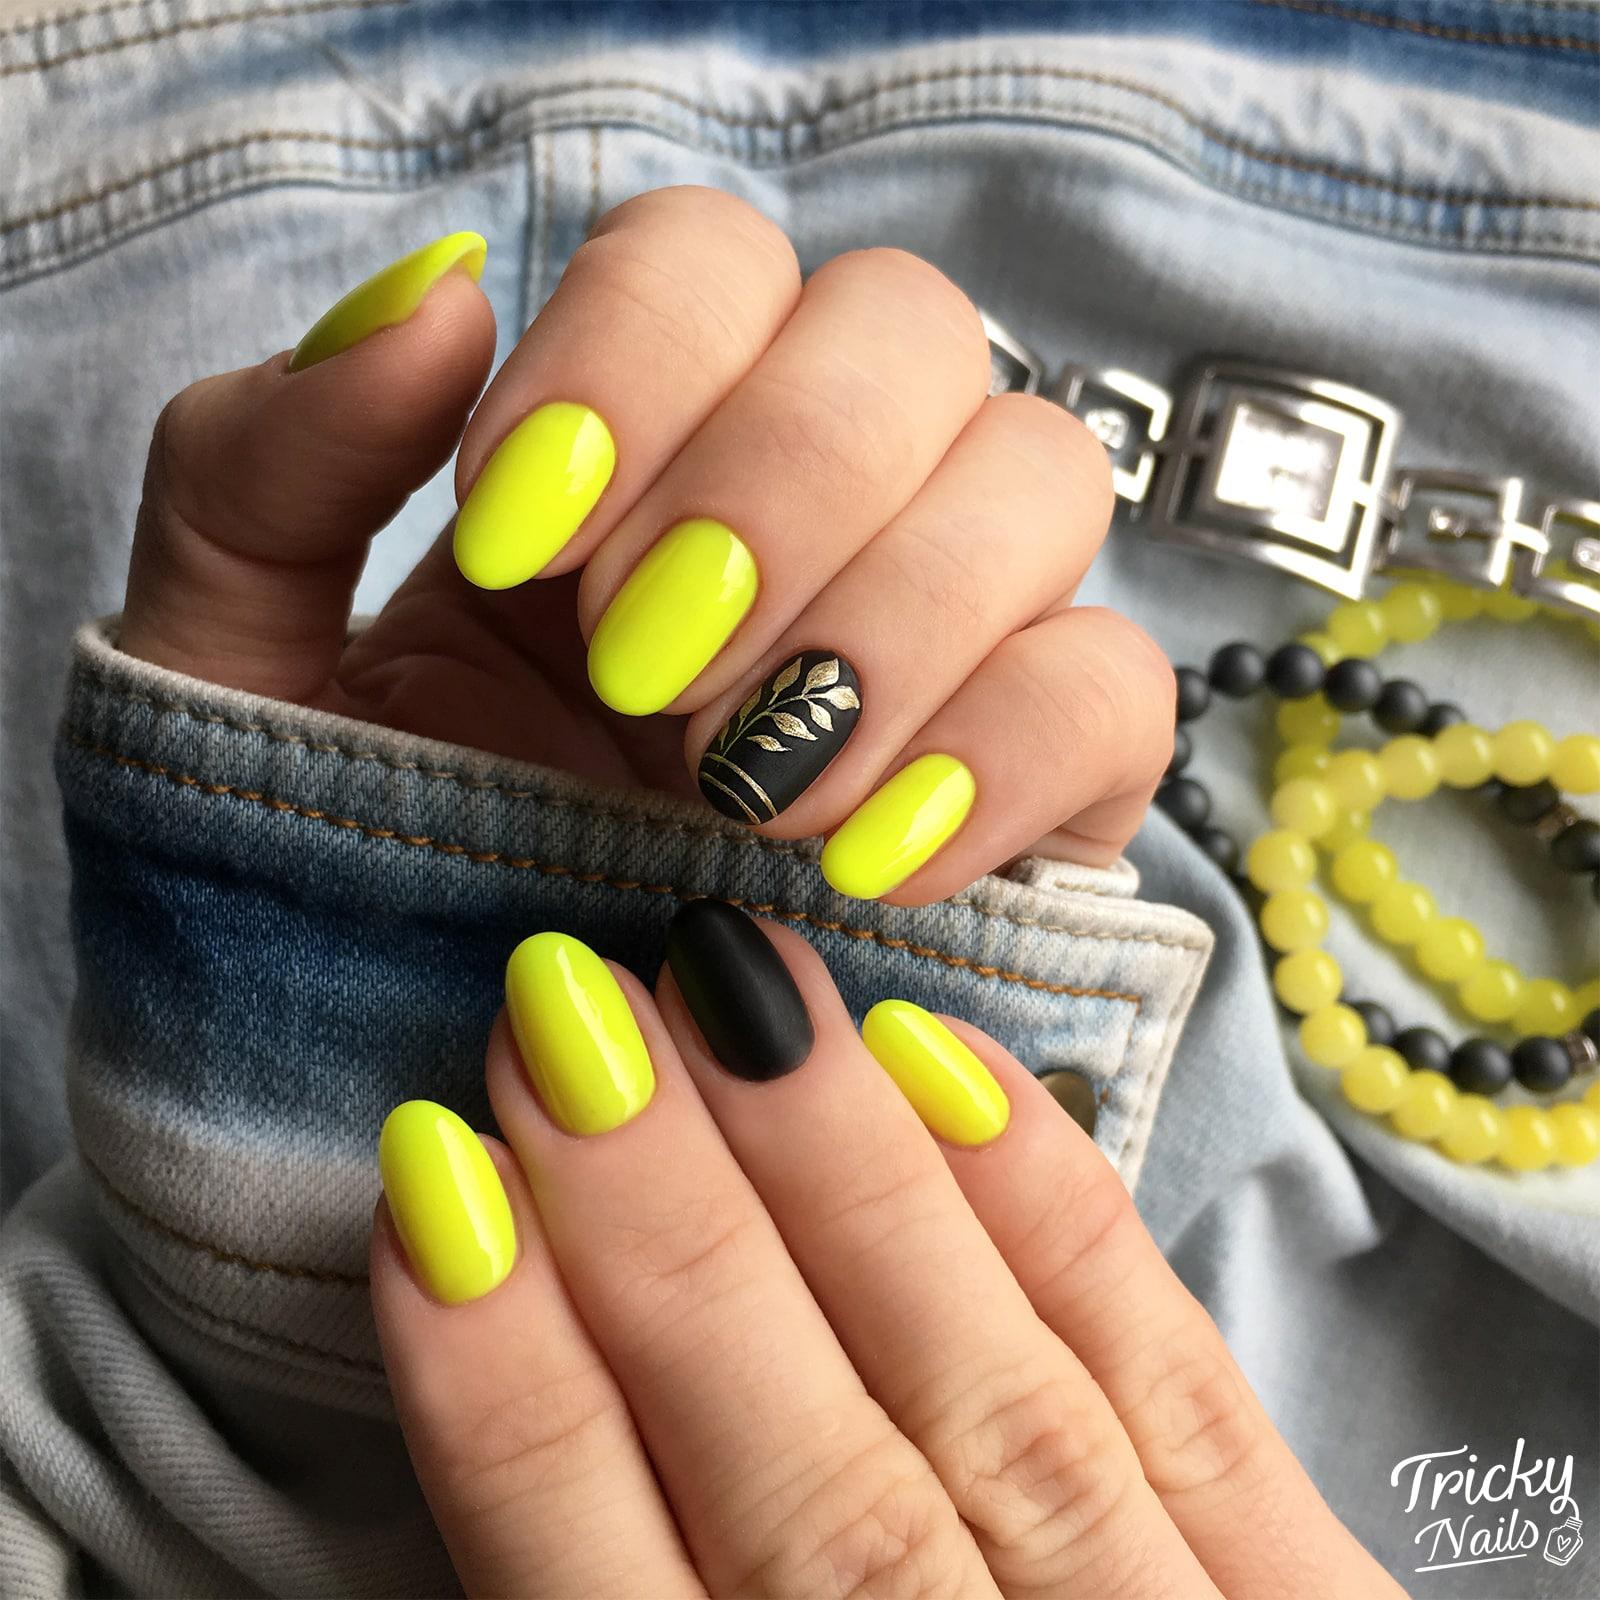 Tricky Nails Zolte Czarne Paznokcie Wiosna Krotkie 2019 Inspiracja